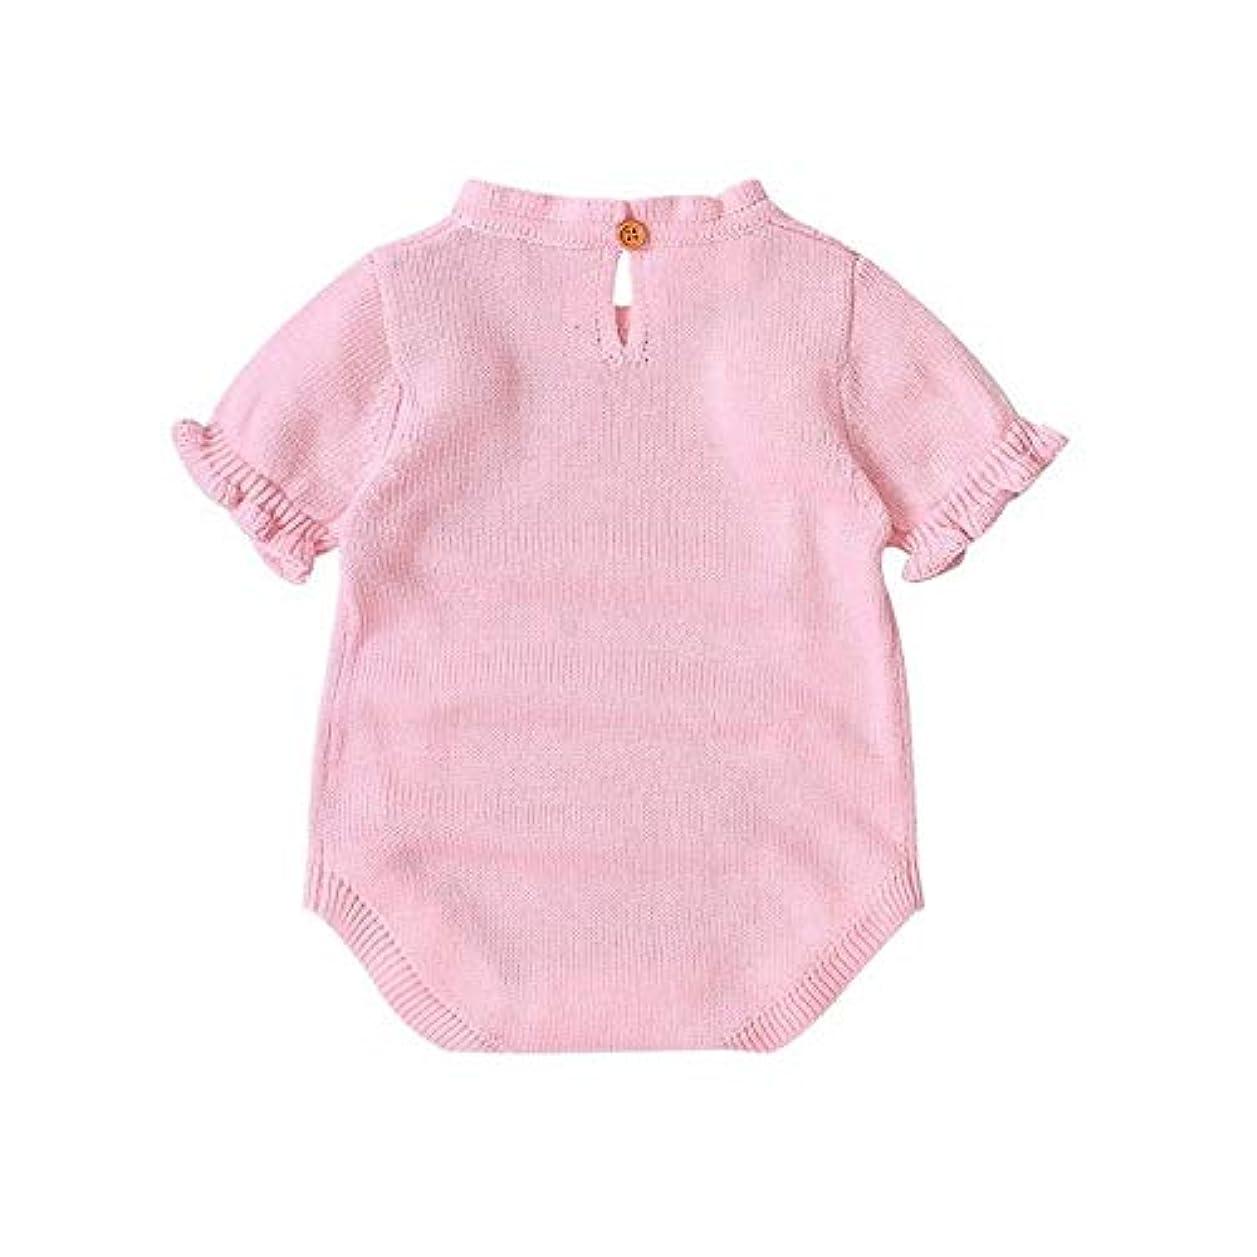 裸正気受け取るベビーロンパース冬暖かい長袖コーラルフリース新生児少年少女の服幼児スーツ動物全体のパジャマ (Color : 5 6, Kid Size : 6M)